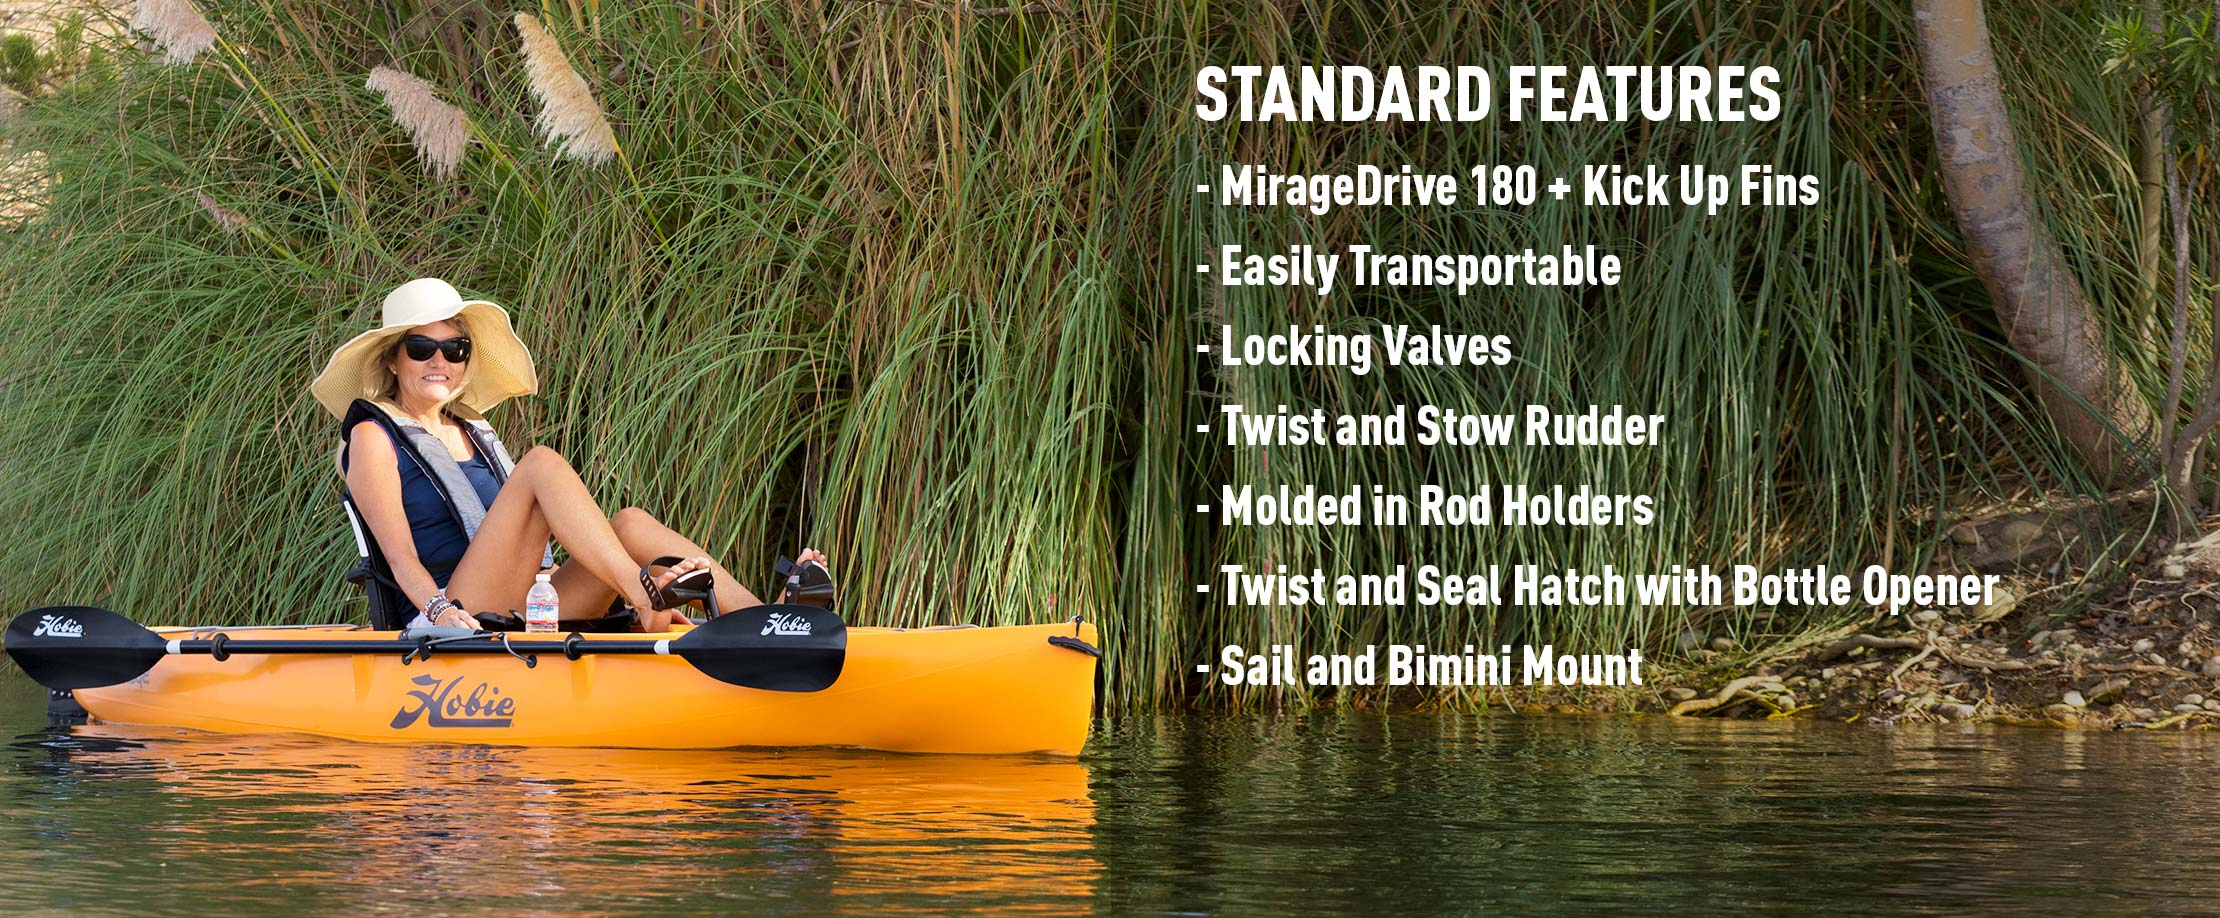 Mirage Sport Features